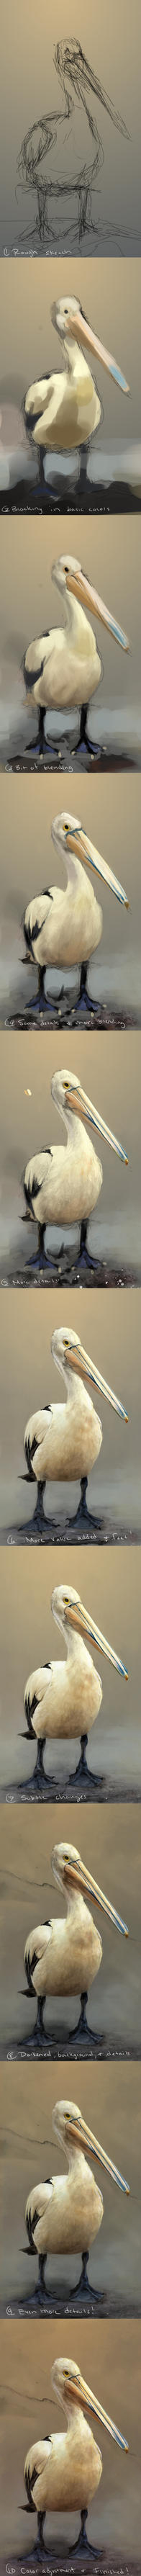 Pelican - Steps by LindseyWArt